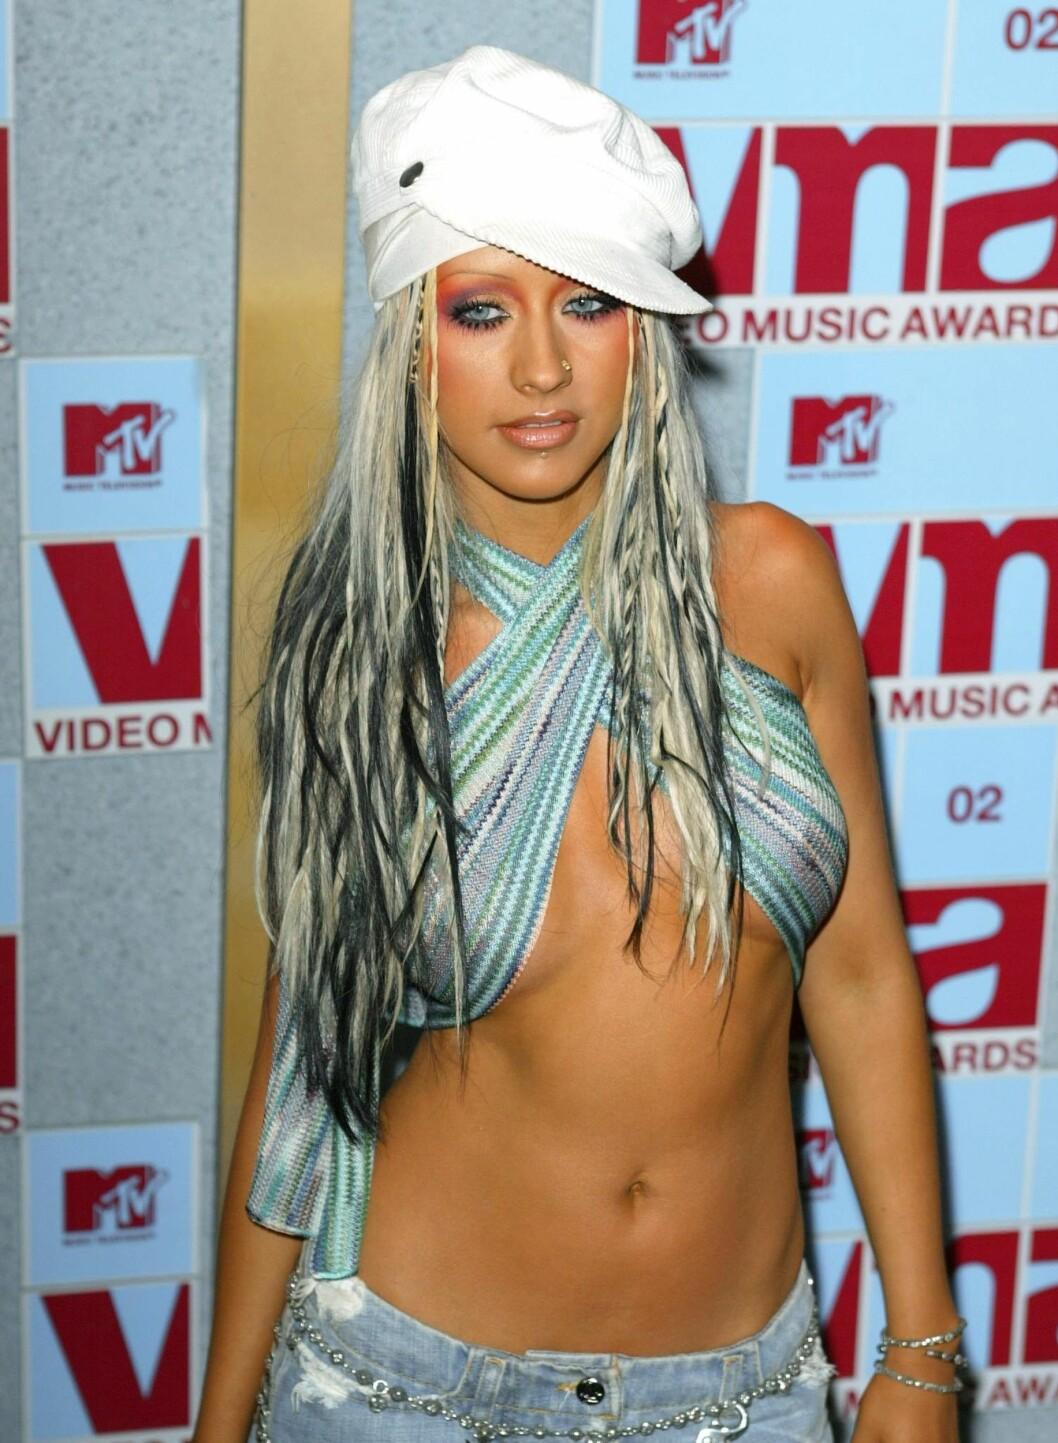 En periode var det platinafarget hår med sorte striper som gjaldt. Klesstilen er hip-hop-inspirert, med capsen på snei og bukser med lavt liv. Toppen er et kapittel for seg selv. Eller er det egentlig et skjerf? Foto: All Over Press